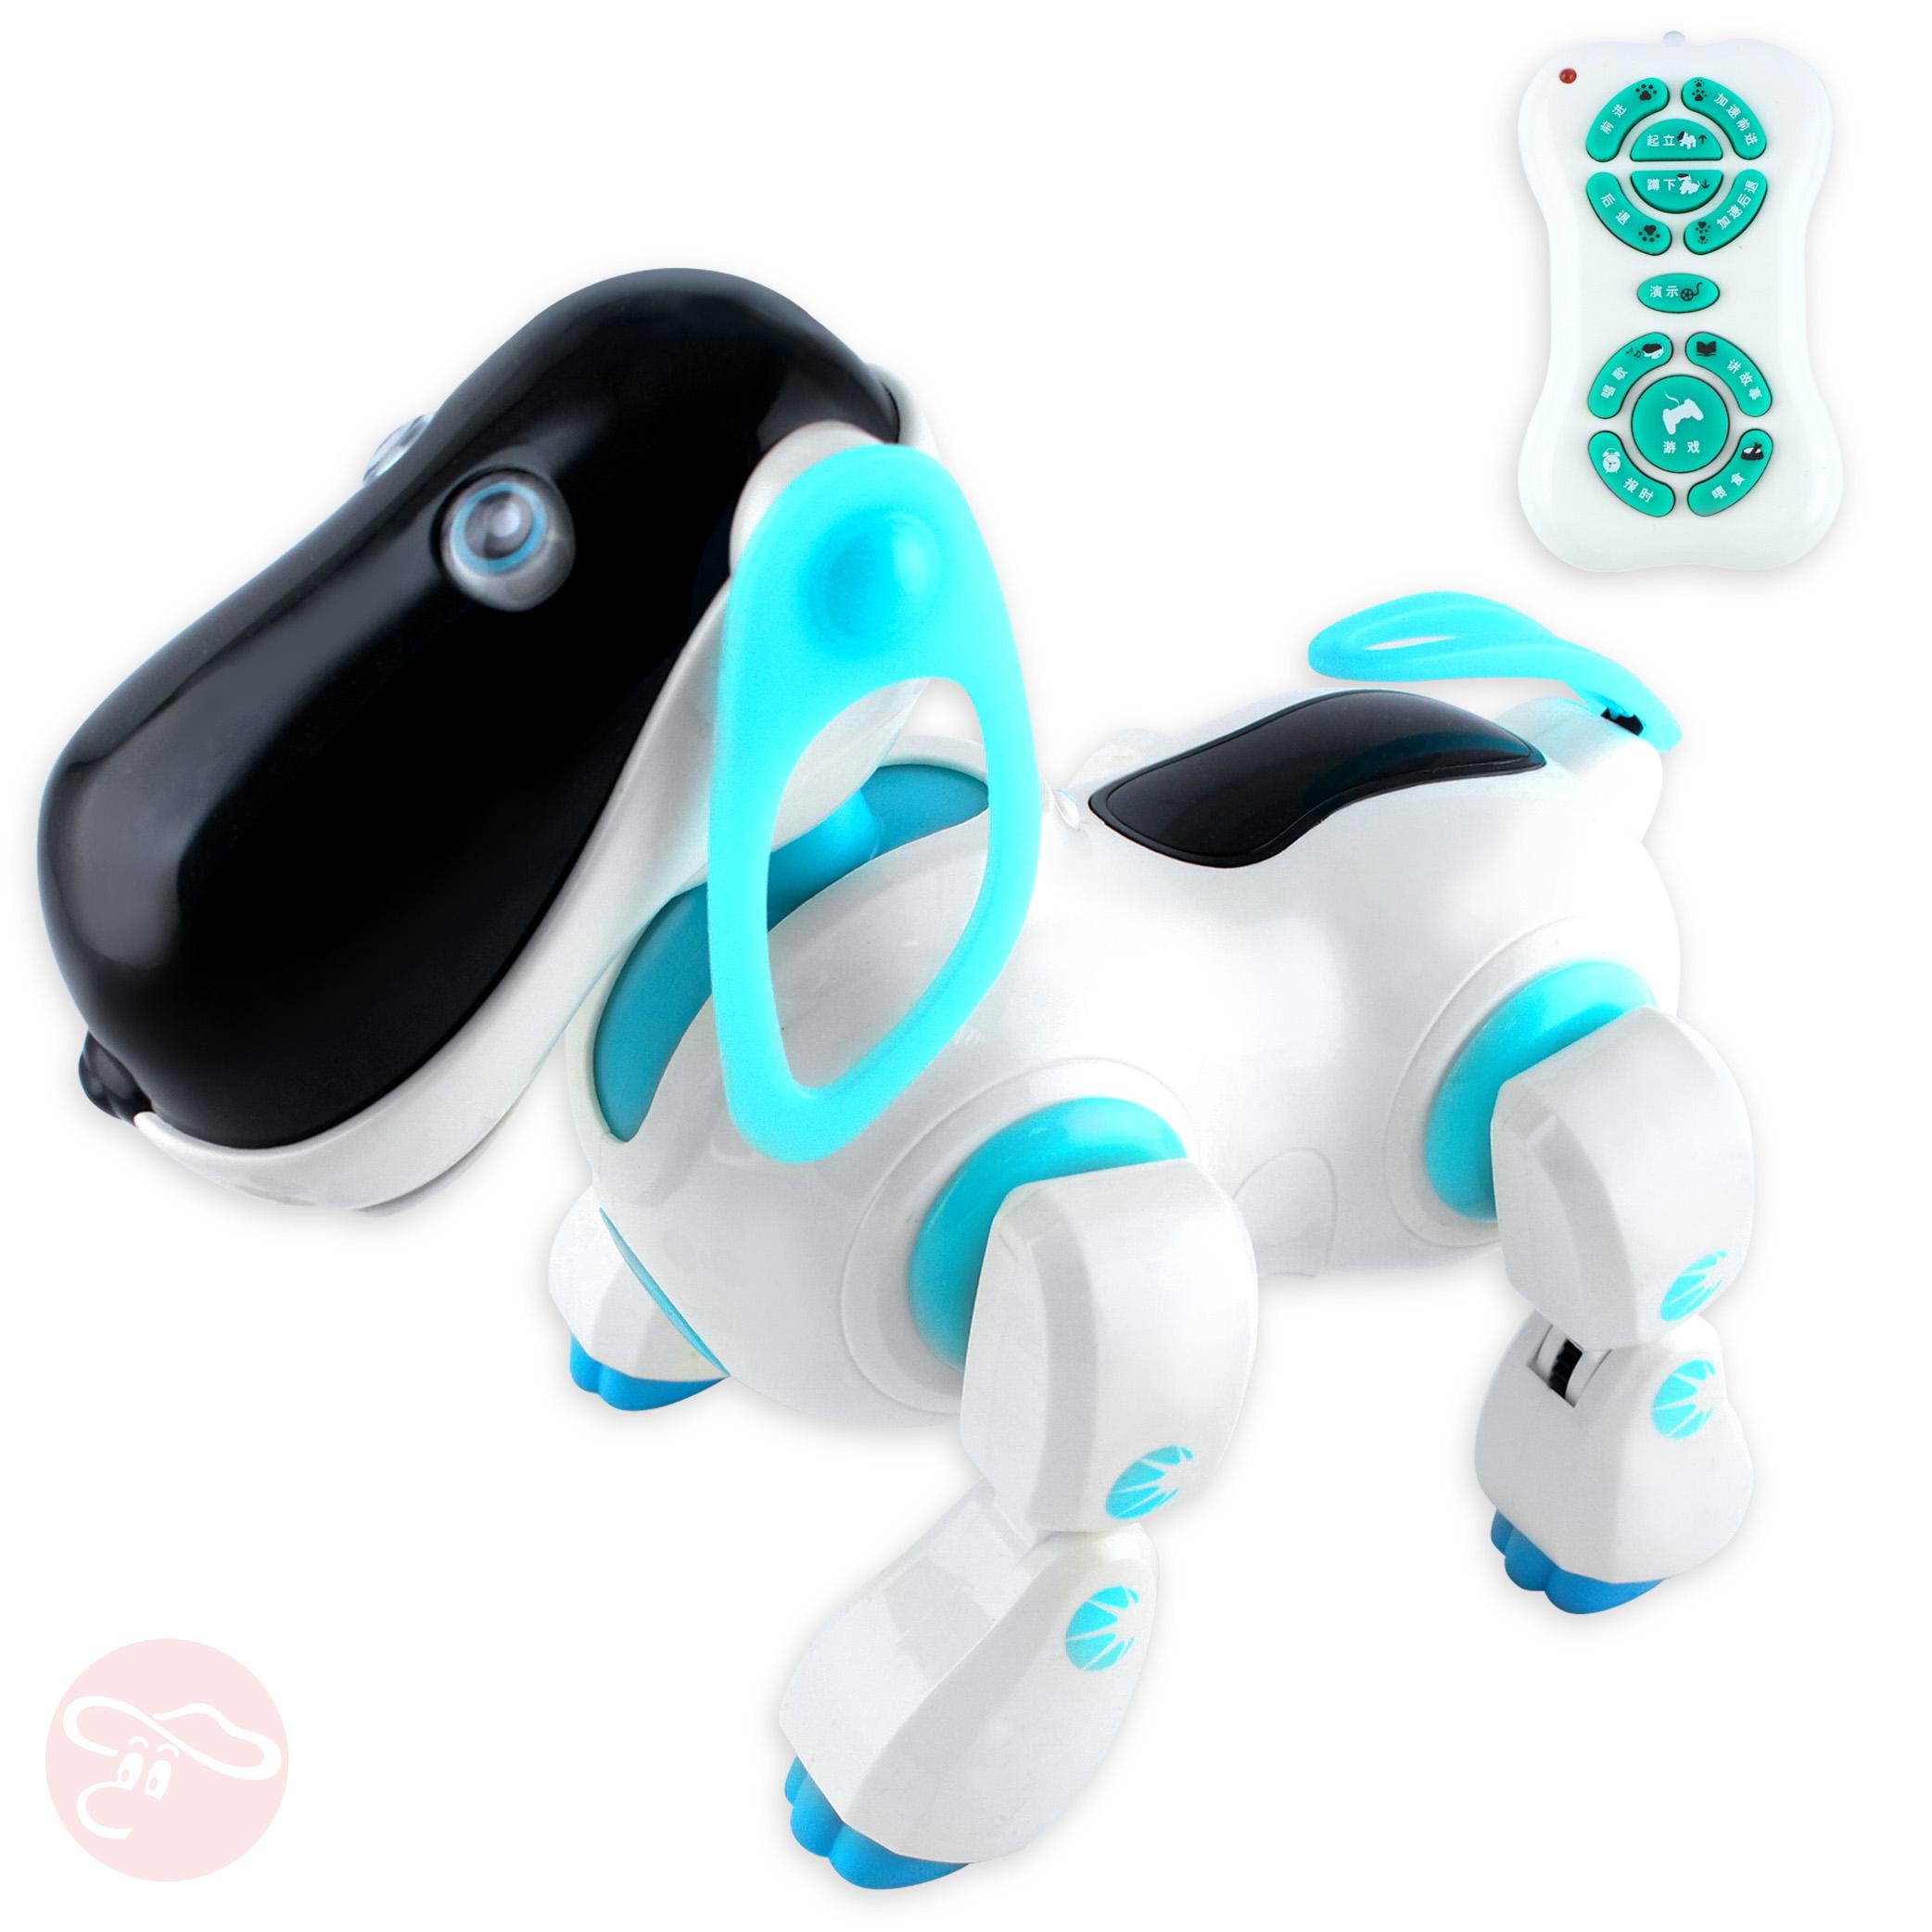 【瑪琍歐玩具】紅外線遙控智能機器對話狗